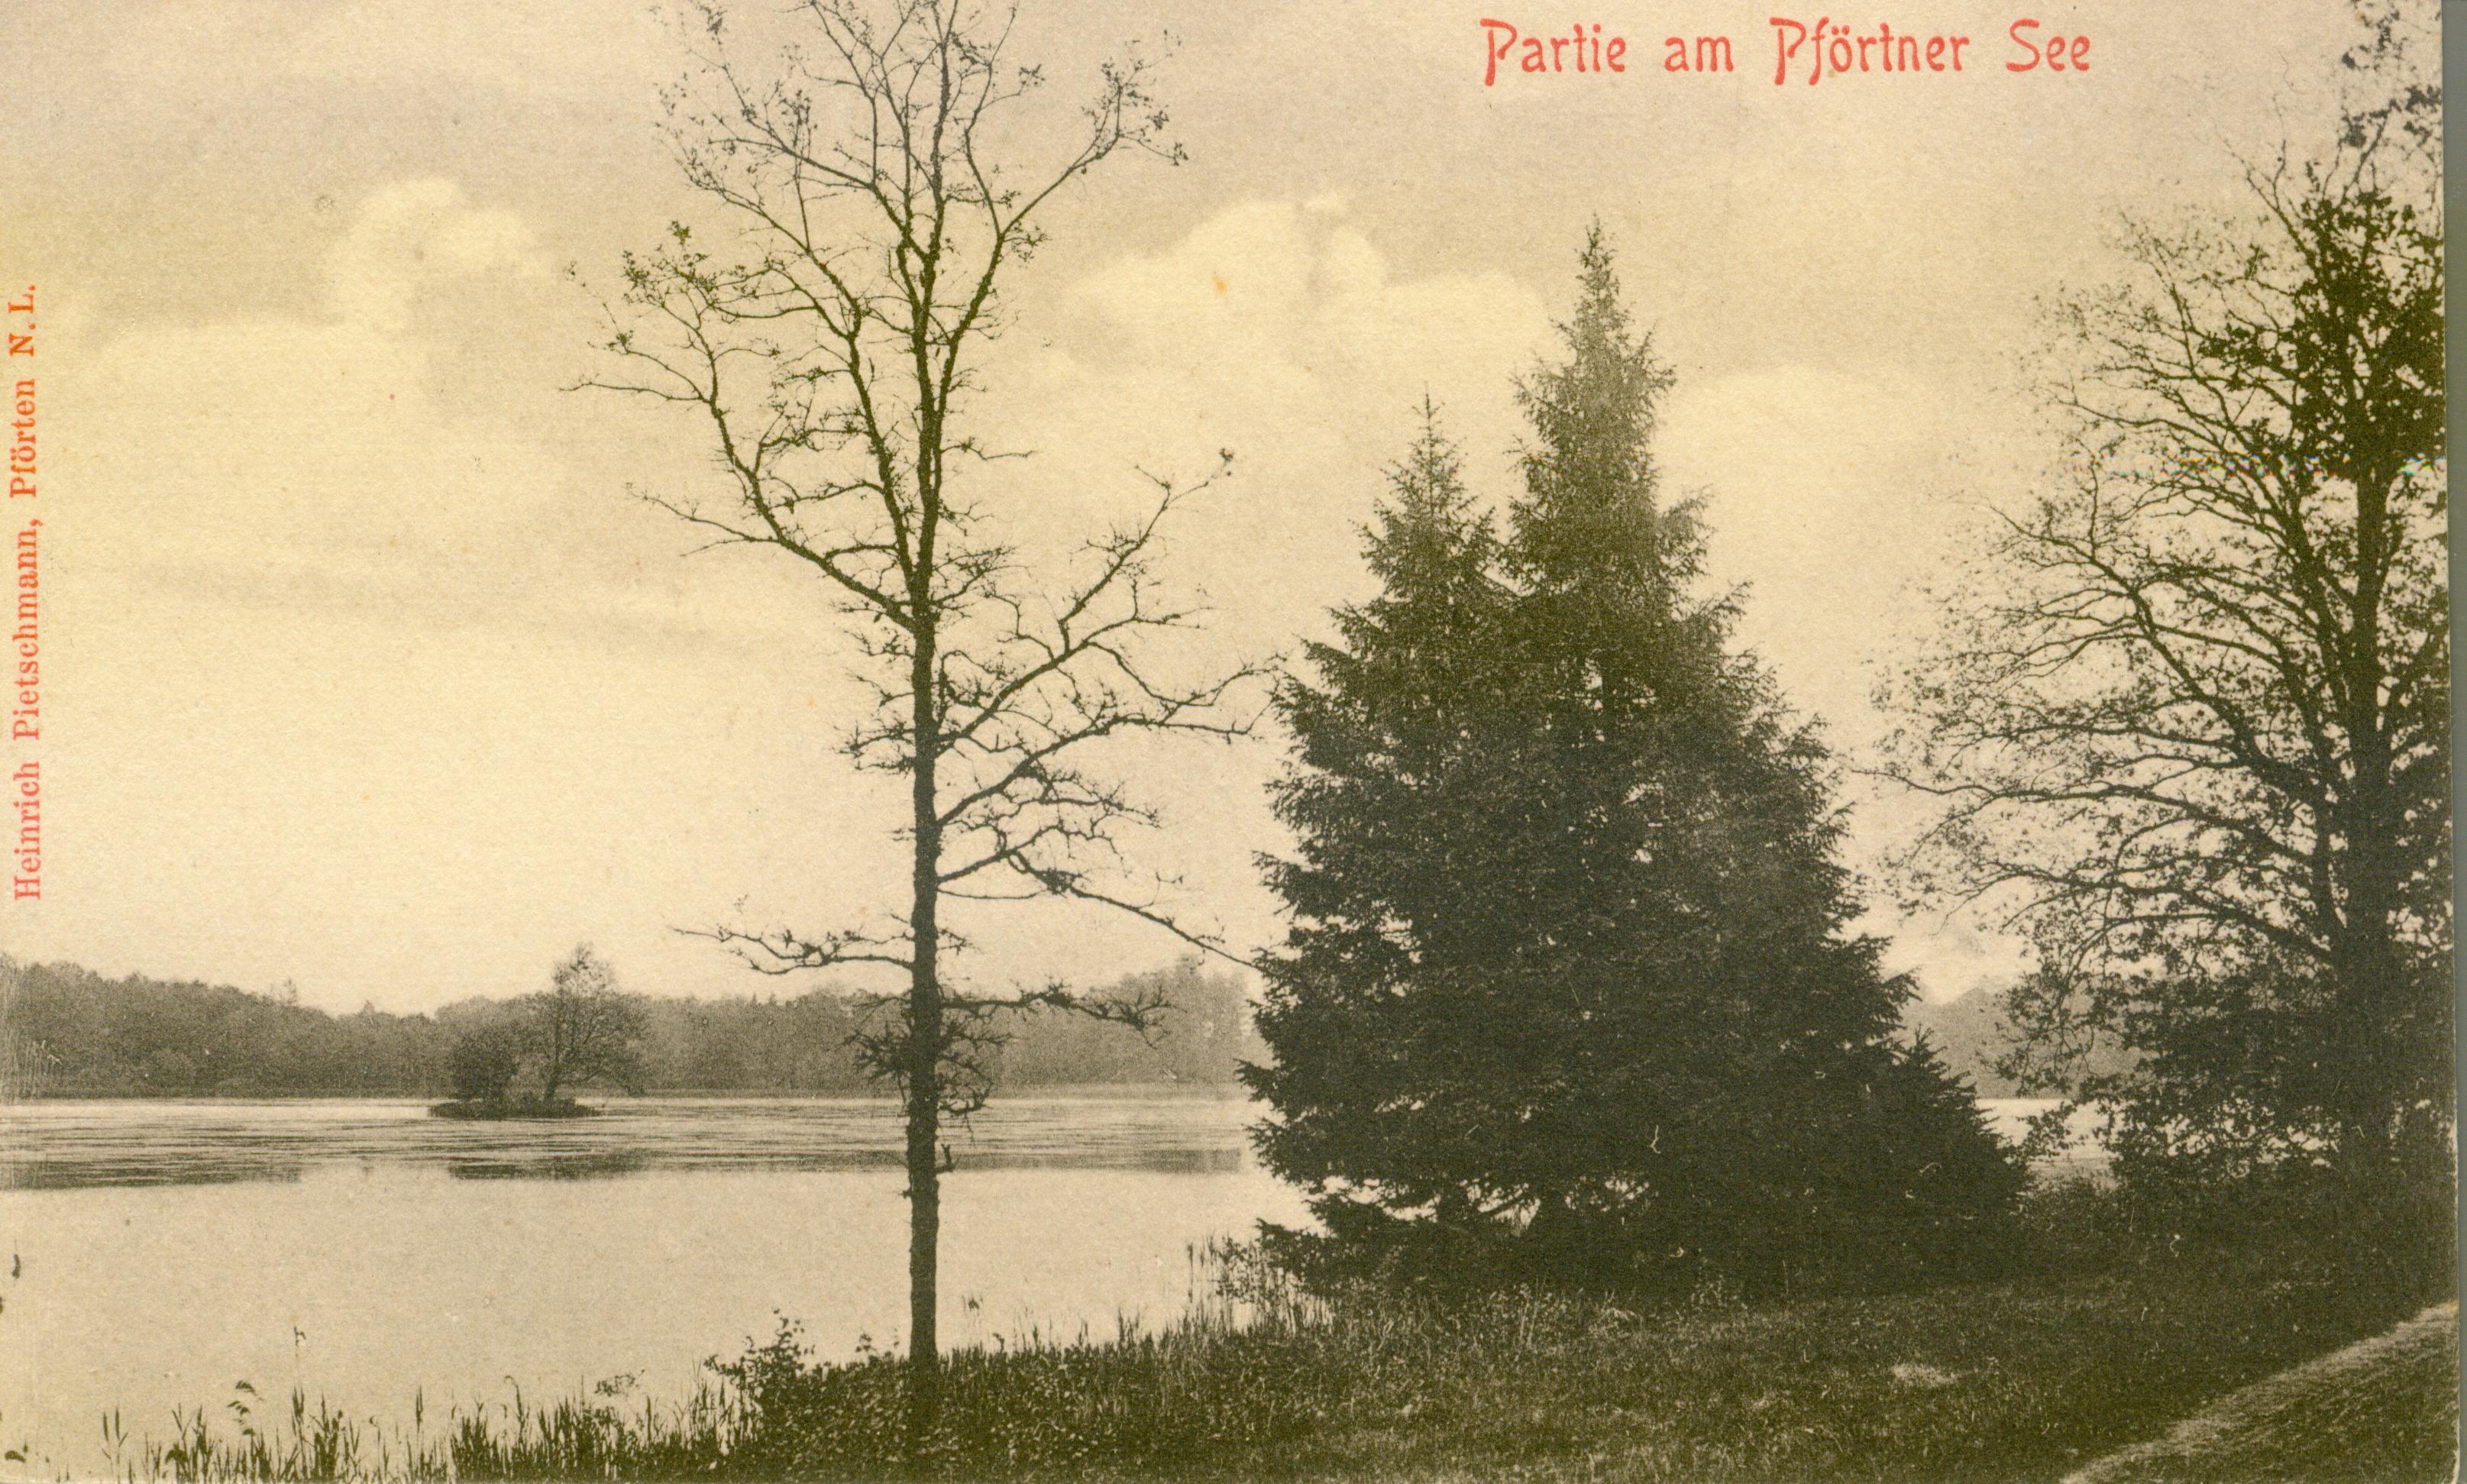 Brody-część jeziora i parku, lubuskie